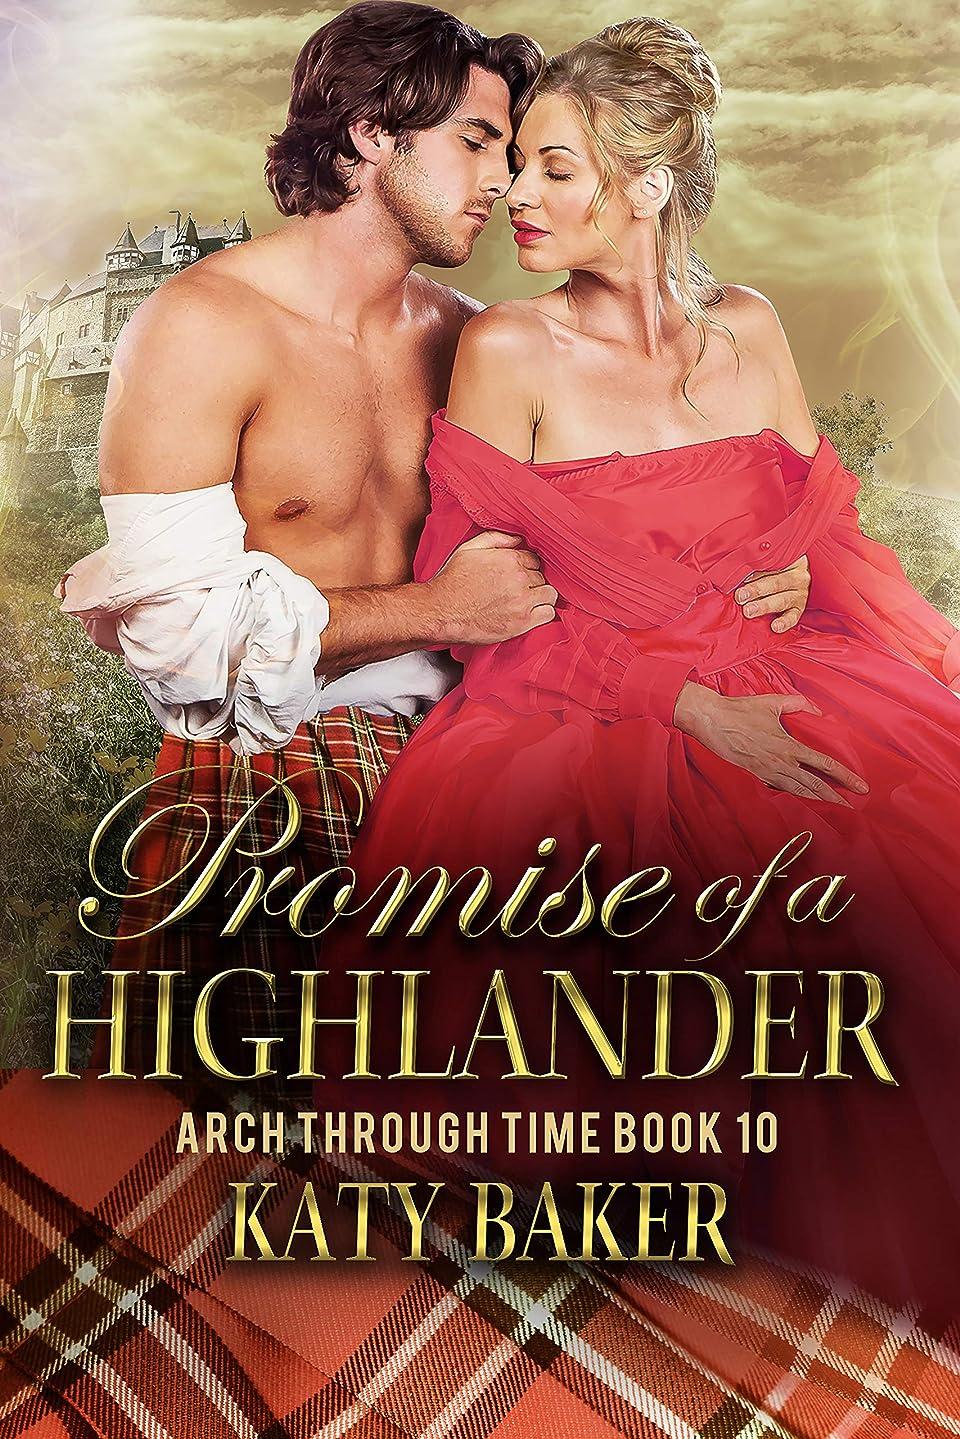 トライアスリートセンチメンタル七面鳥Promise of a Highlander: A Scottish Time Travel Romance (Arch Through Time Book 10) (English Edition)